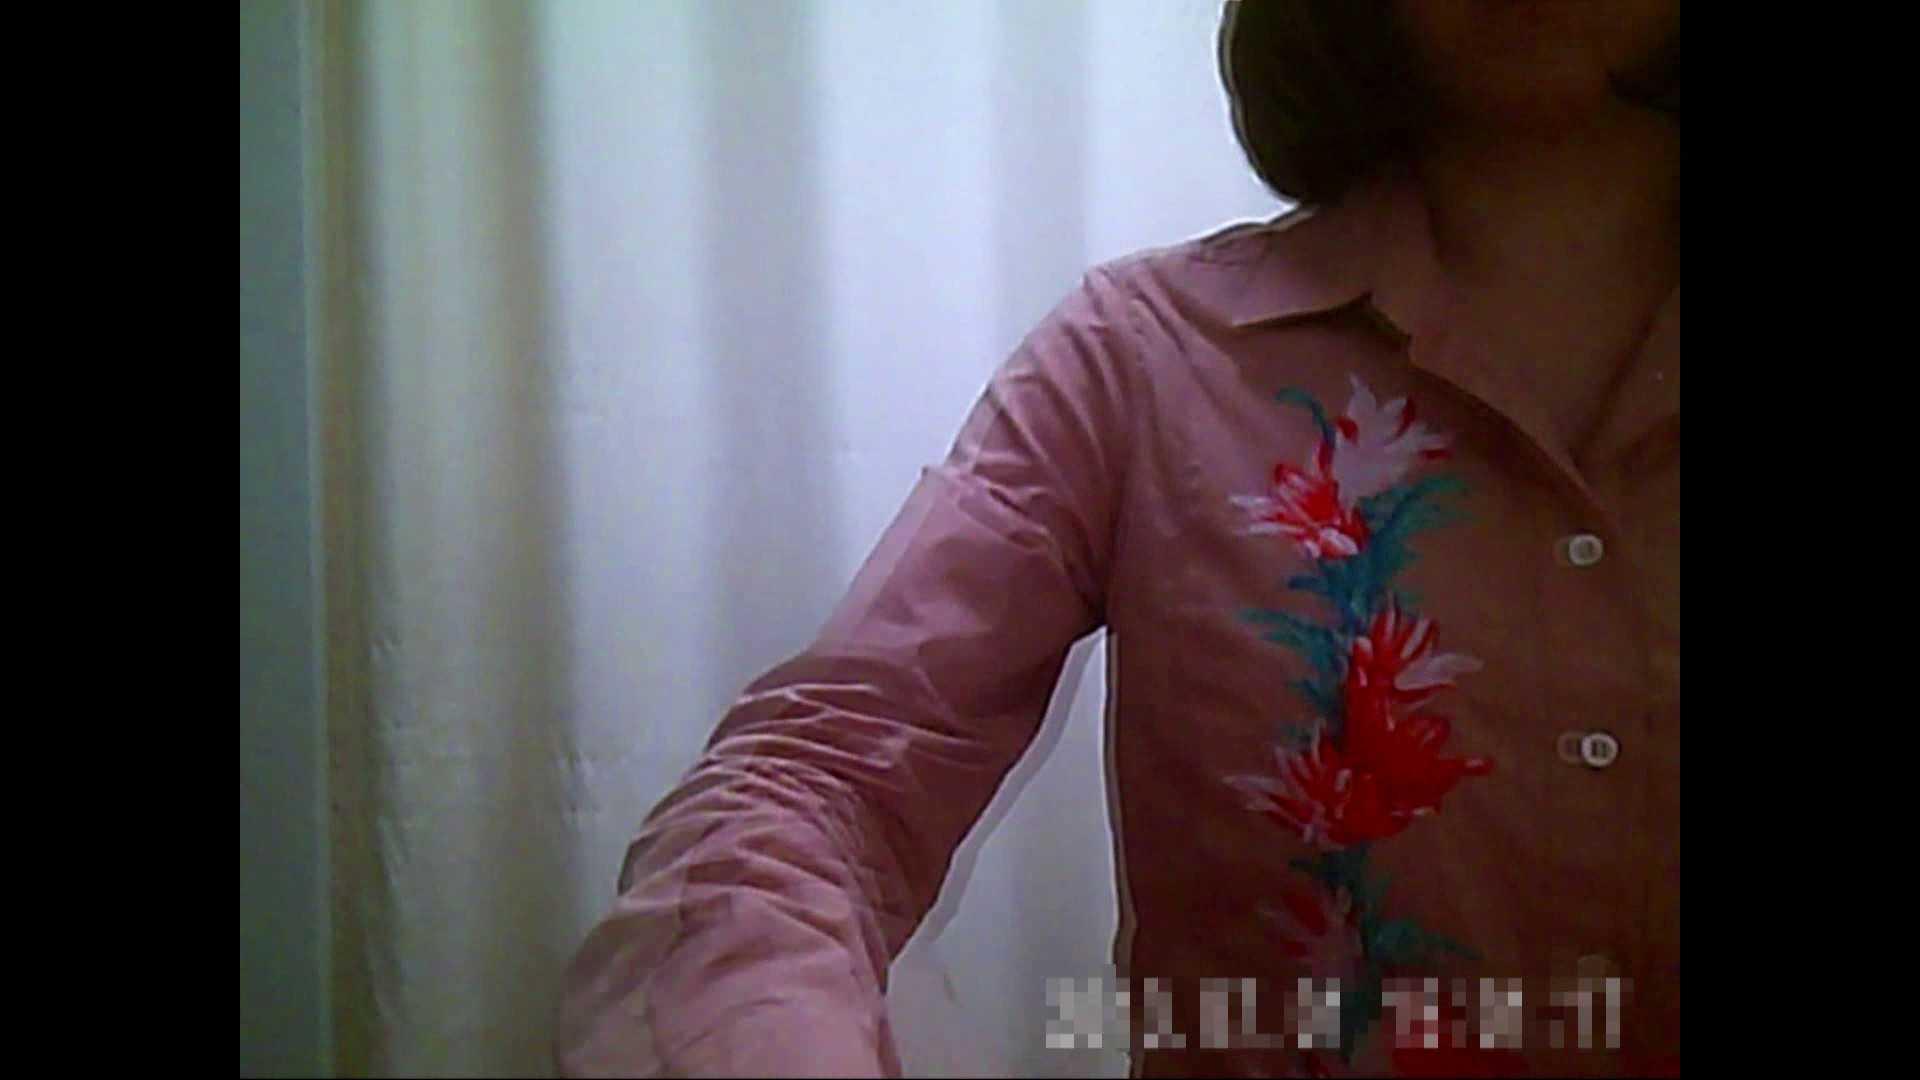 病院おもいっきり着替え! vol.257 巨乳 盗み撮り動画キャプチャ 66PIX 18